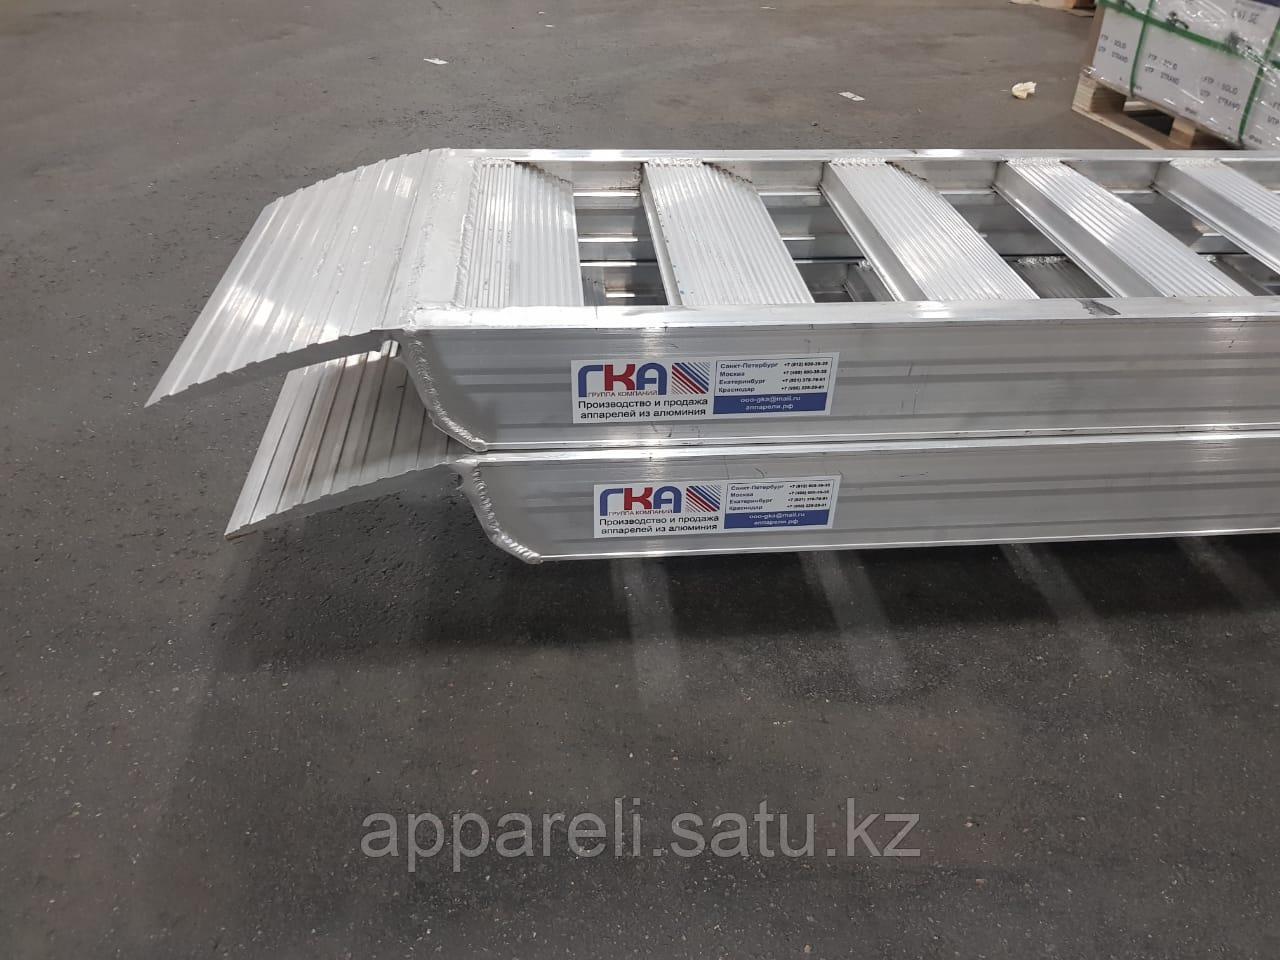 Производство трапов сходней алюминиевых аппарелей 8500 кг